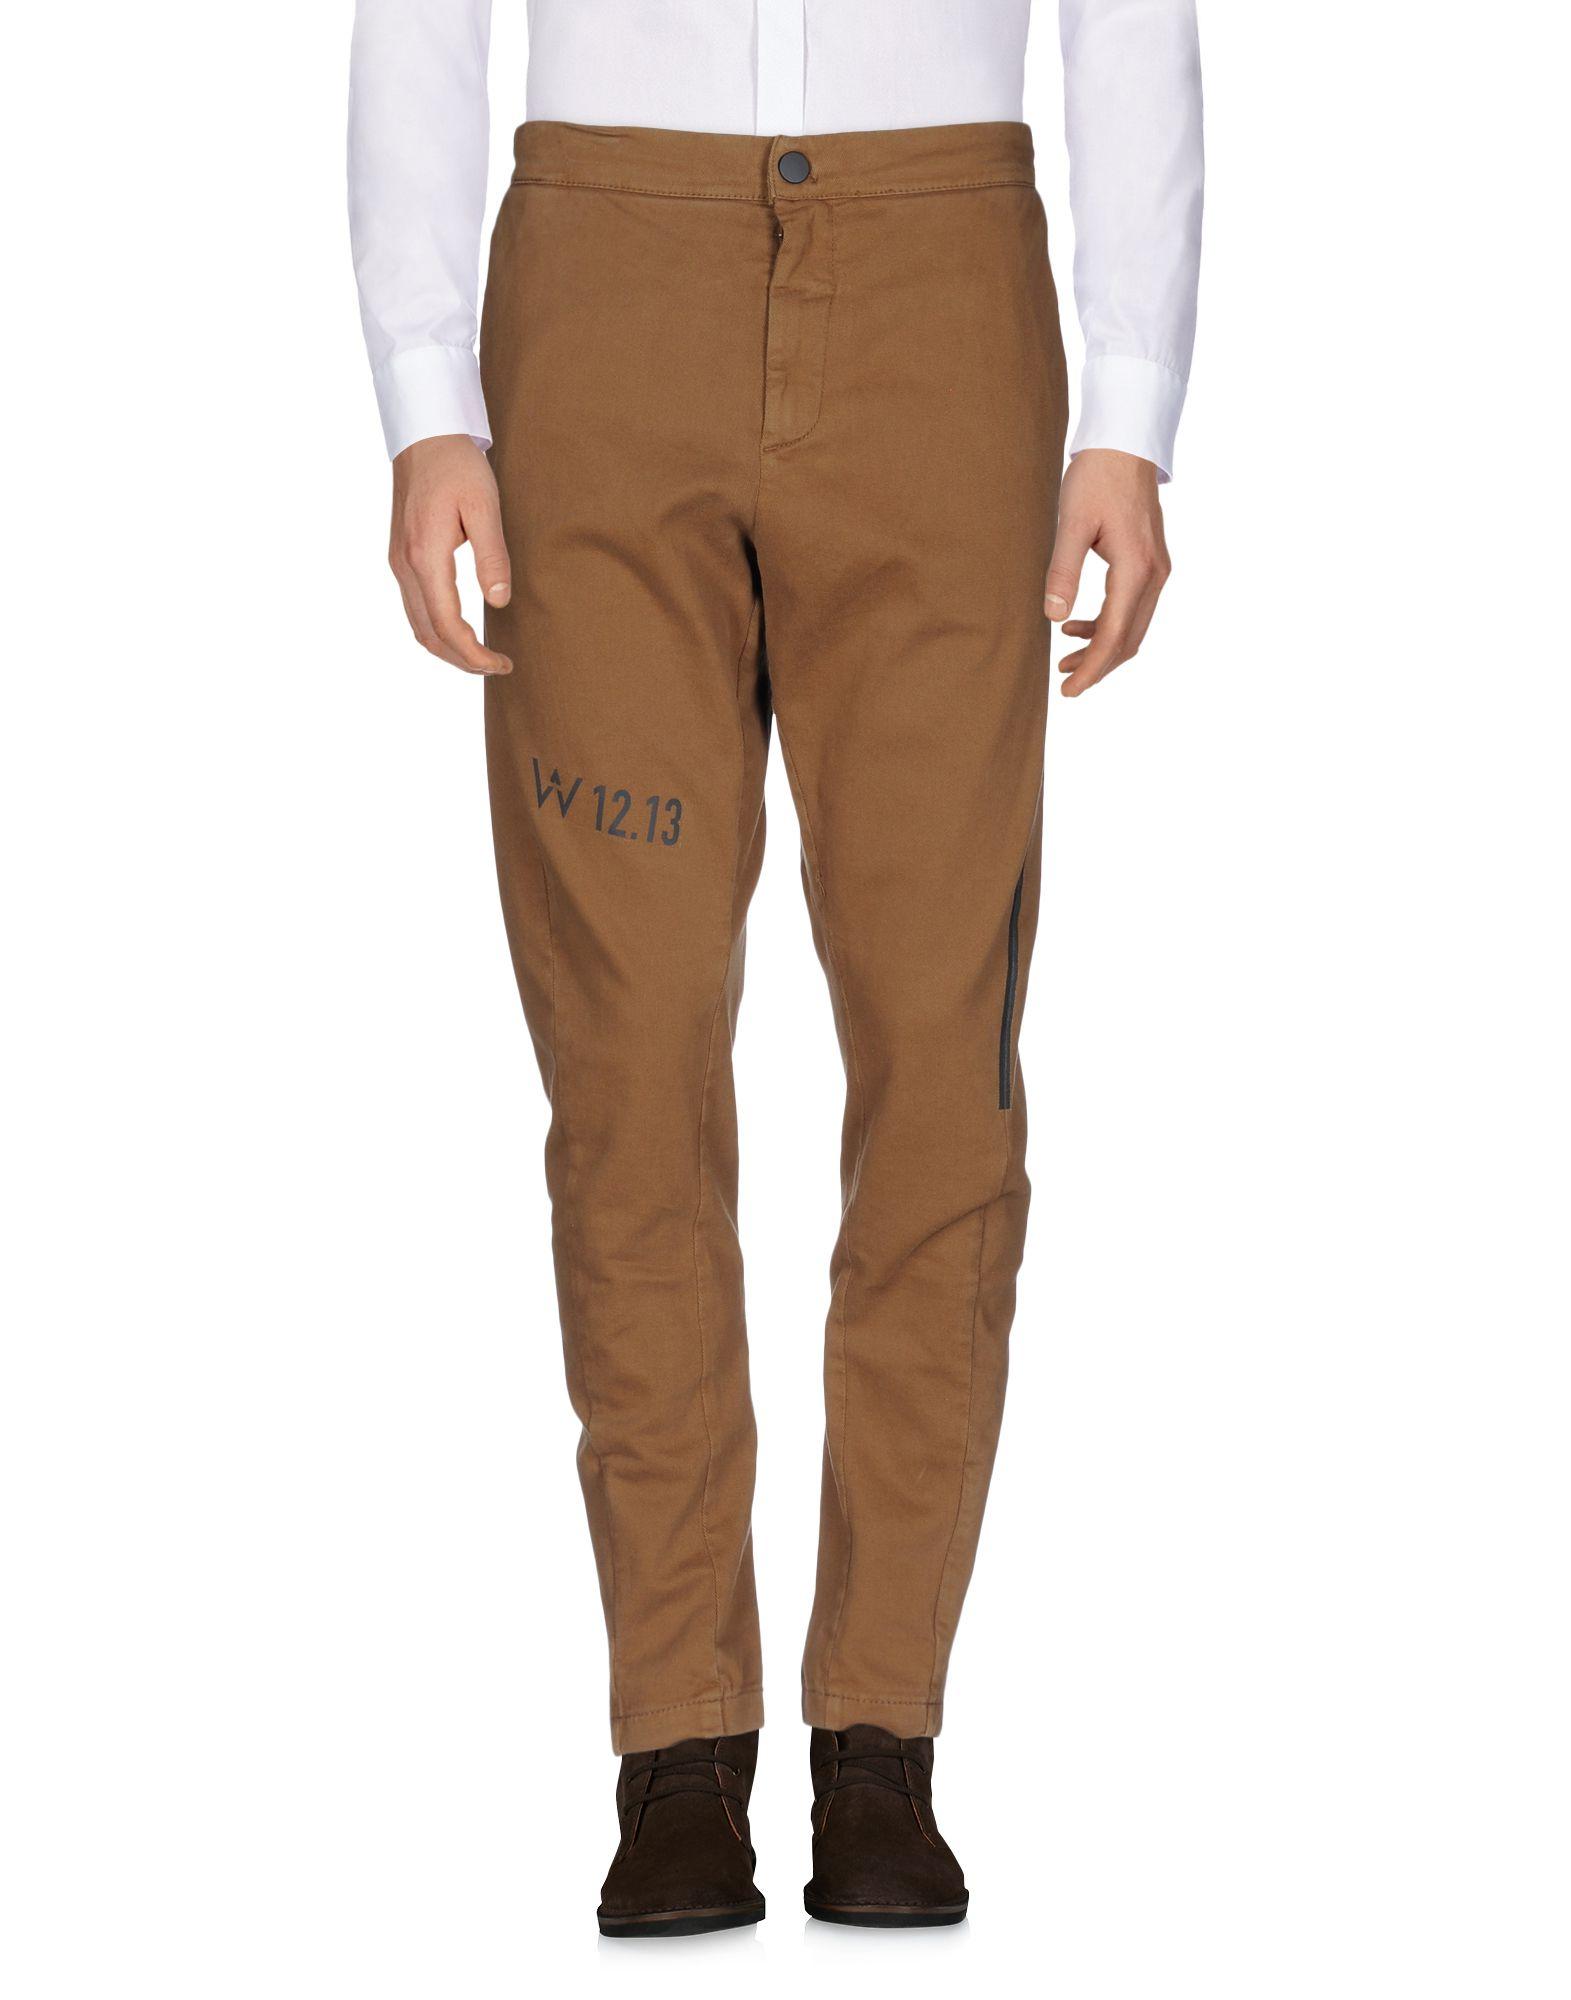 DE WALLEN Casual Pants in Camel